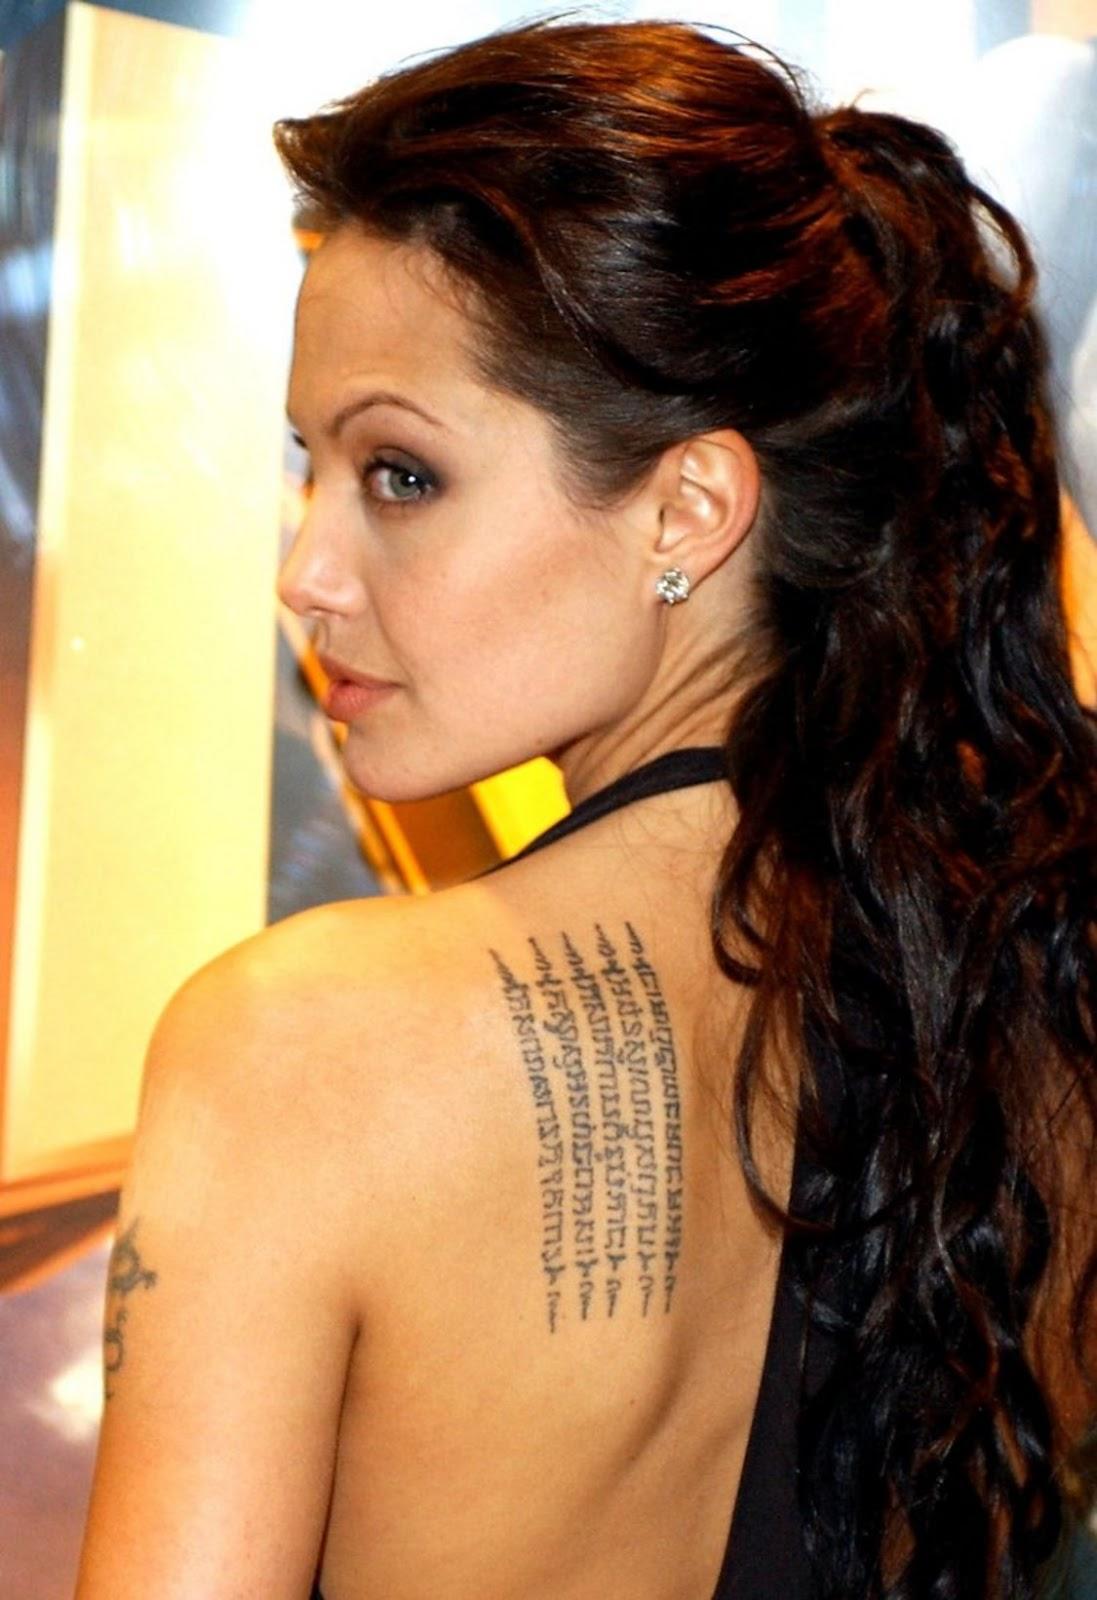 http://2.bp.blogspot.com/-SHOml1fHrok/UH5rpHuwCnI/AAAAAAAAGqI/icwtiBSaRl0/s1600/Angelina-Jolie-Tattoos-2012.jpg